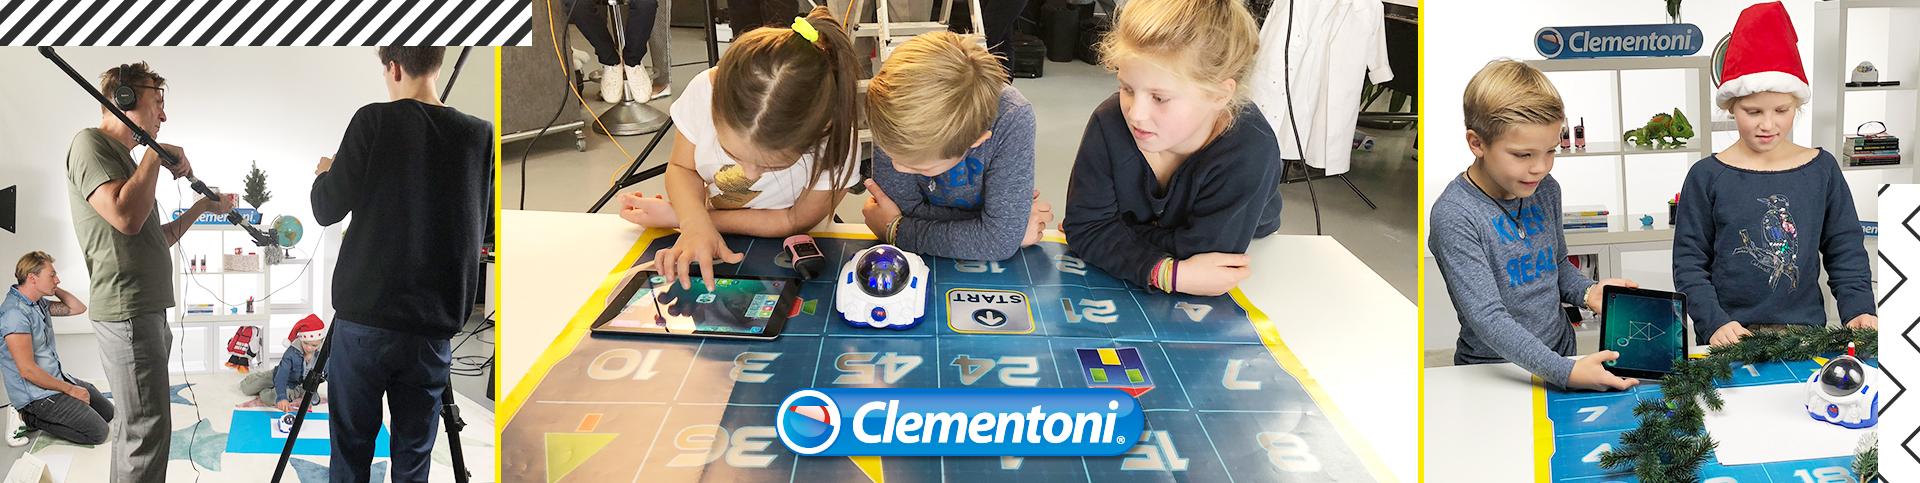 eoa hat mit Kinder-Models ein Fotoshooting für Clementoni gemacht